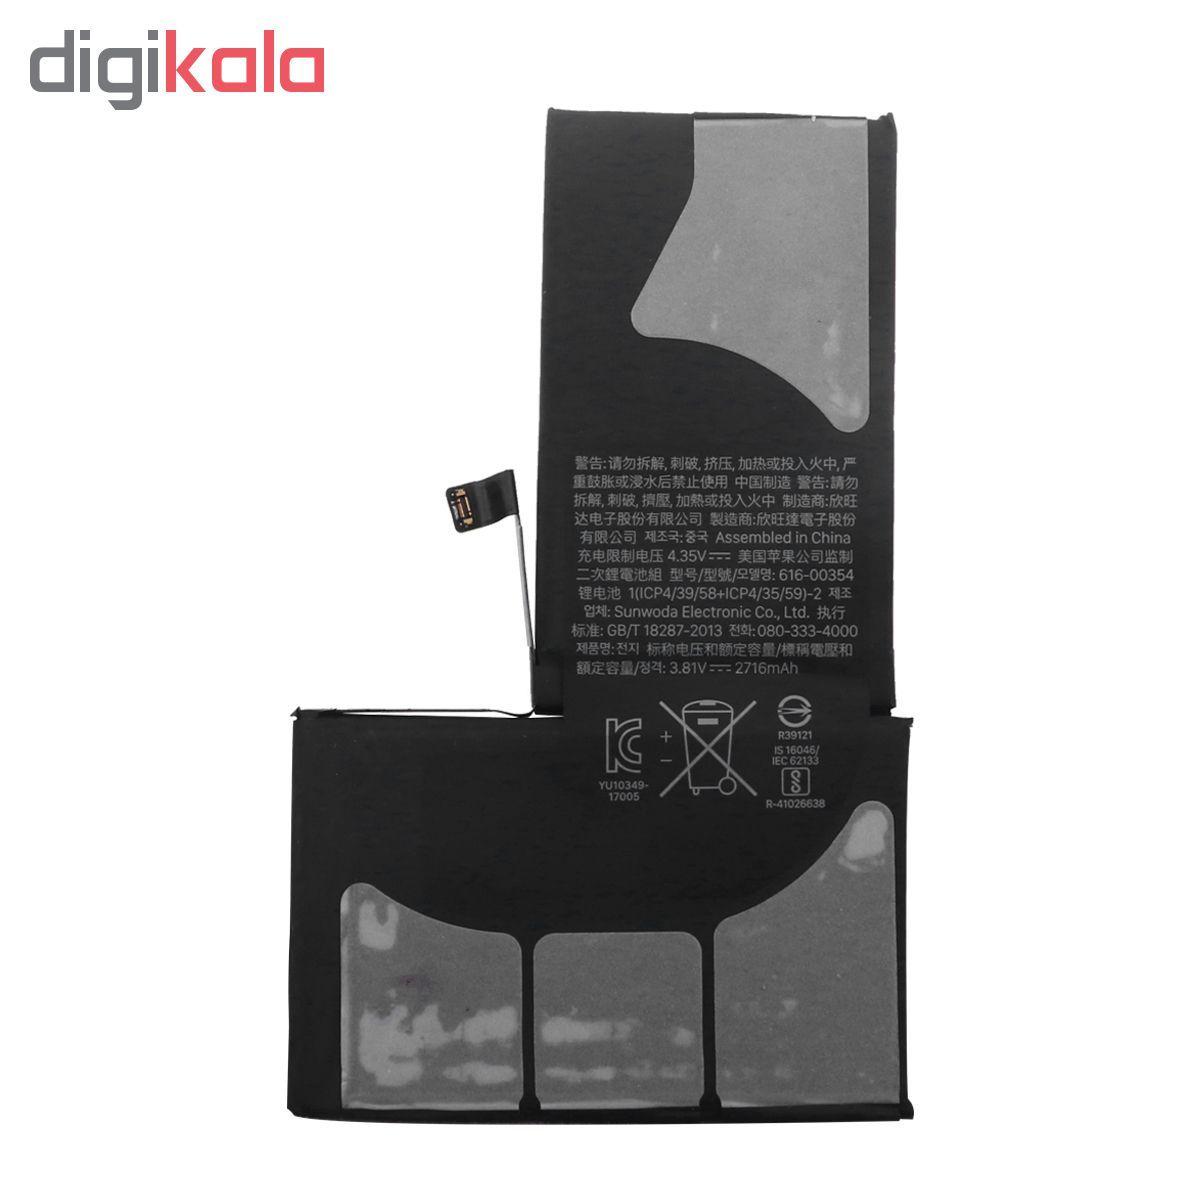 باتری موبایل مدل APN 616-00351 ظرفیت 2716 میلی آمپر ساعت مناسب برای گوشی موبایل اپل Iphone X main 1 2